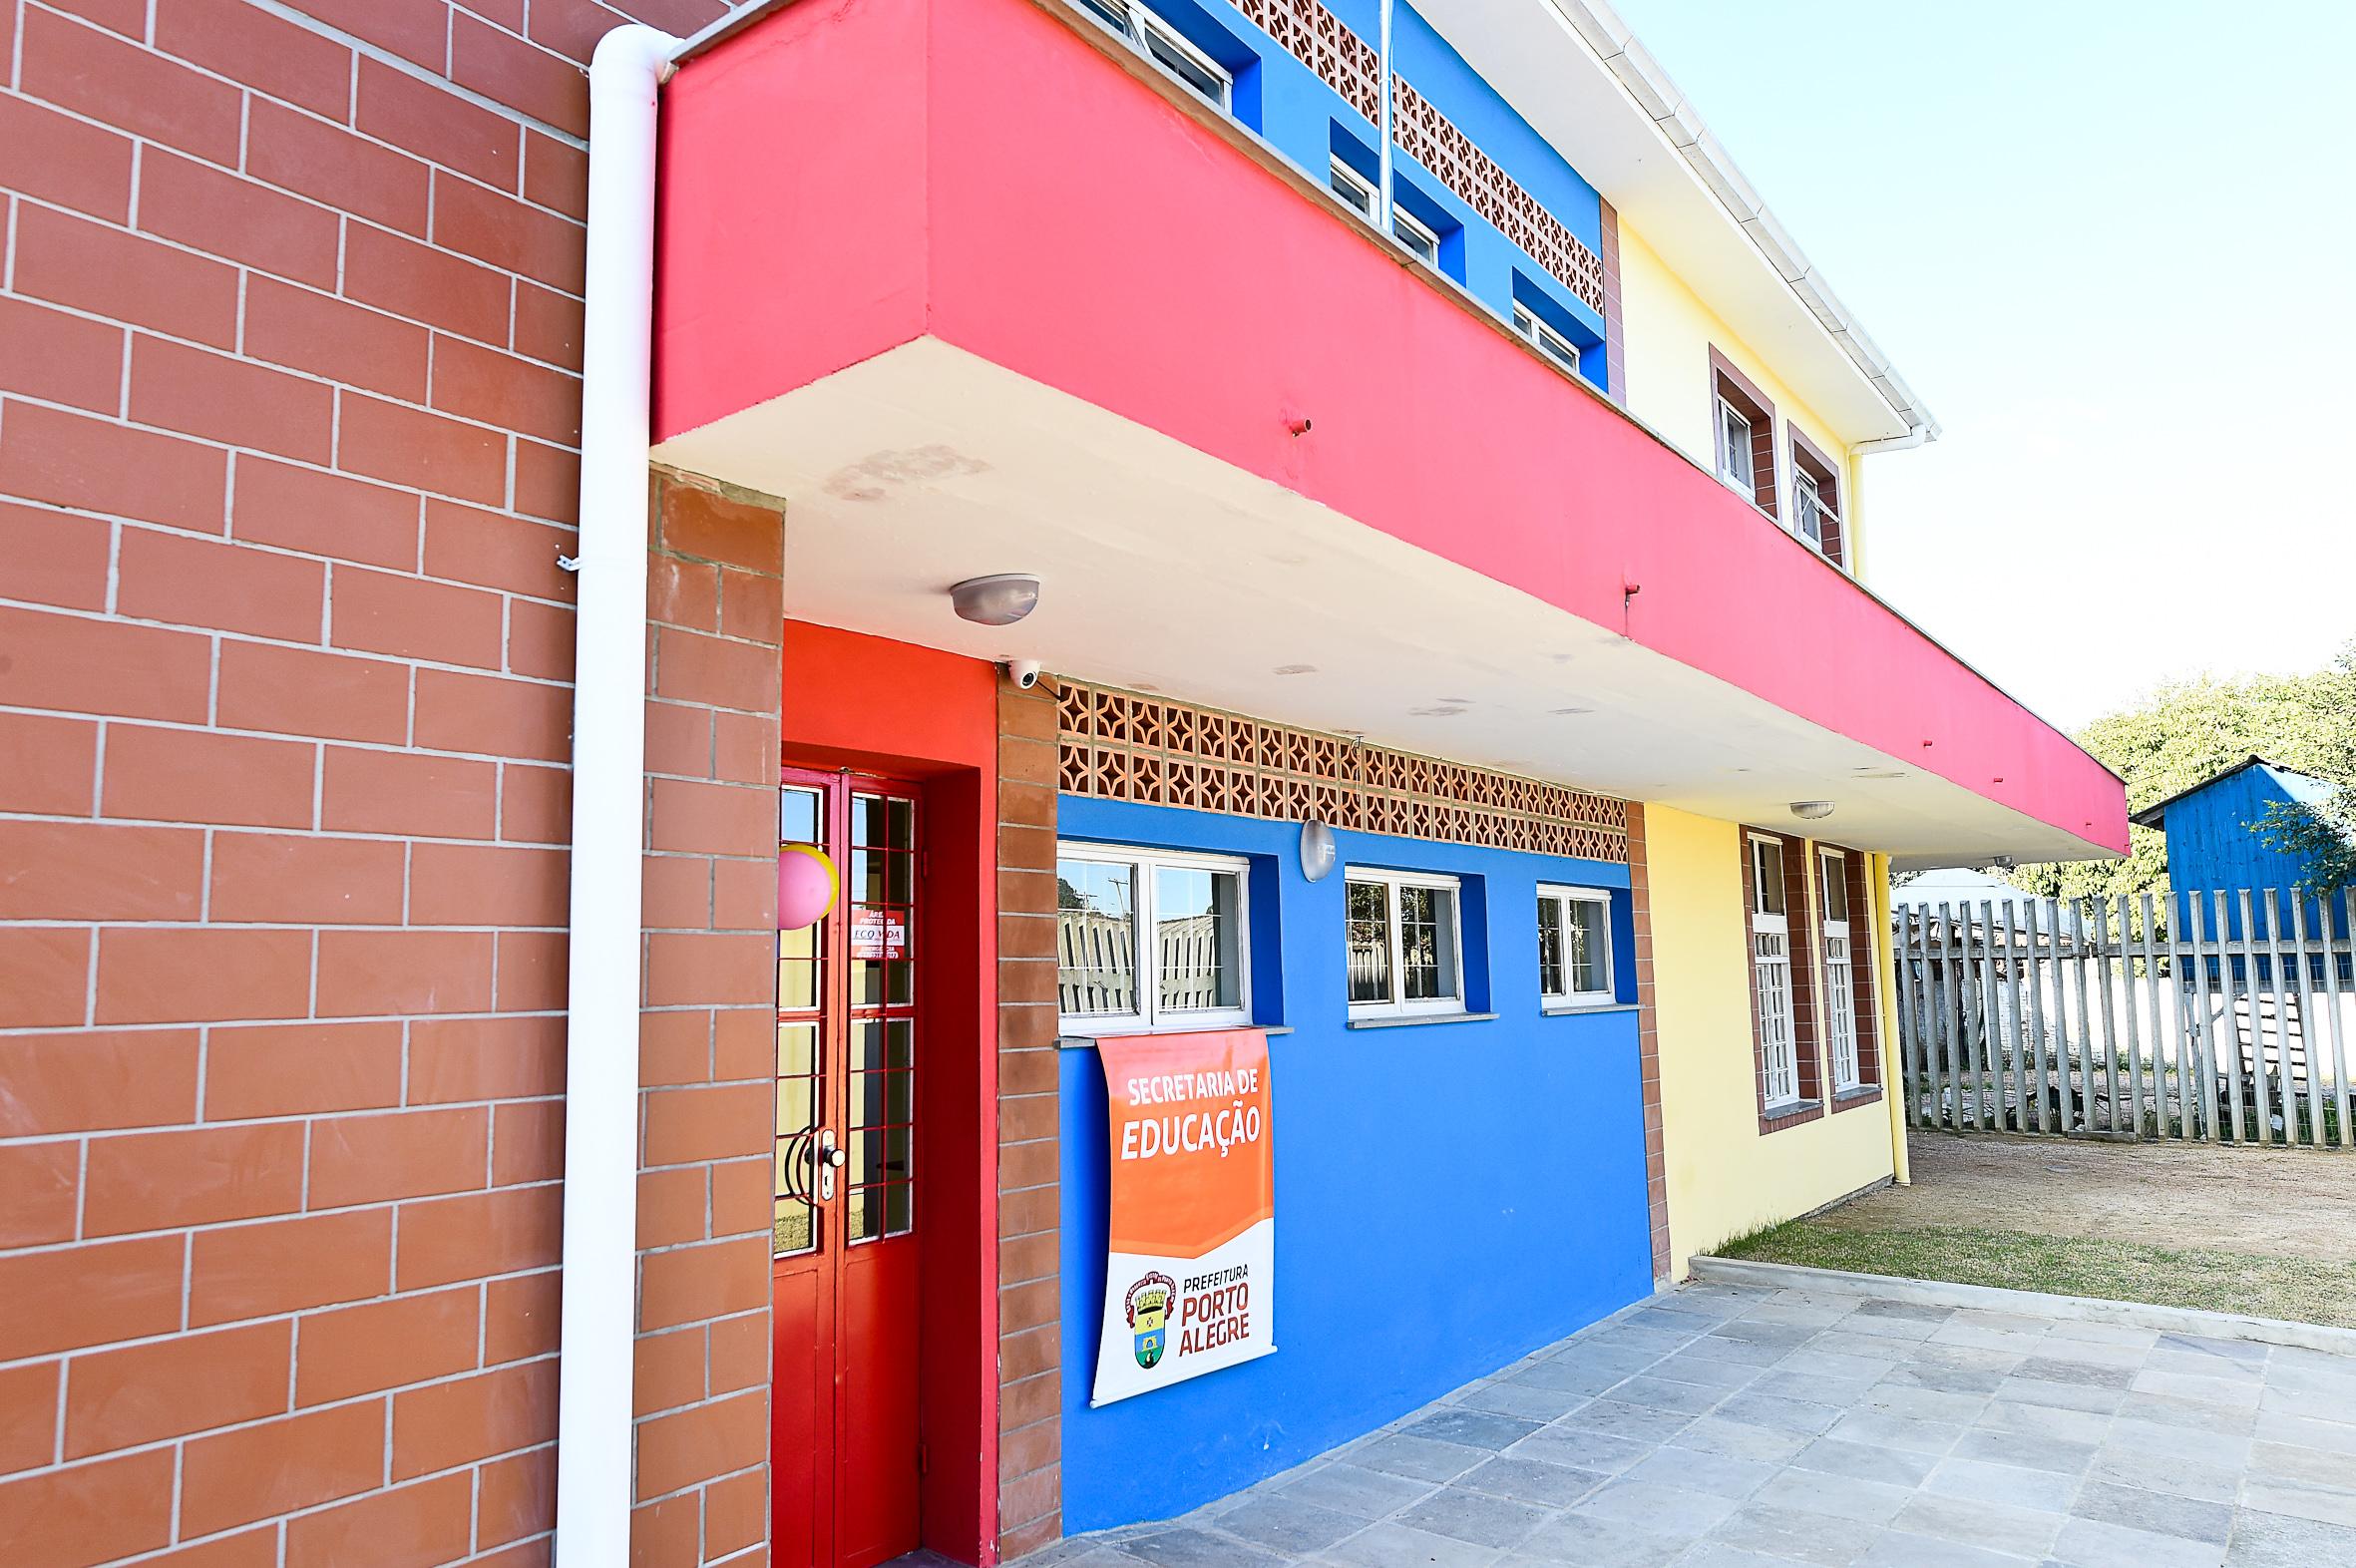 Escolas de educação infantil e fundamental deverão implementar cuidados de saúde aos diabéticos